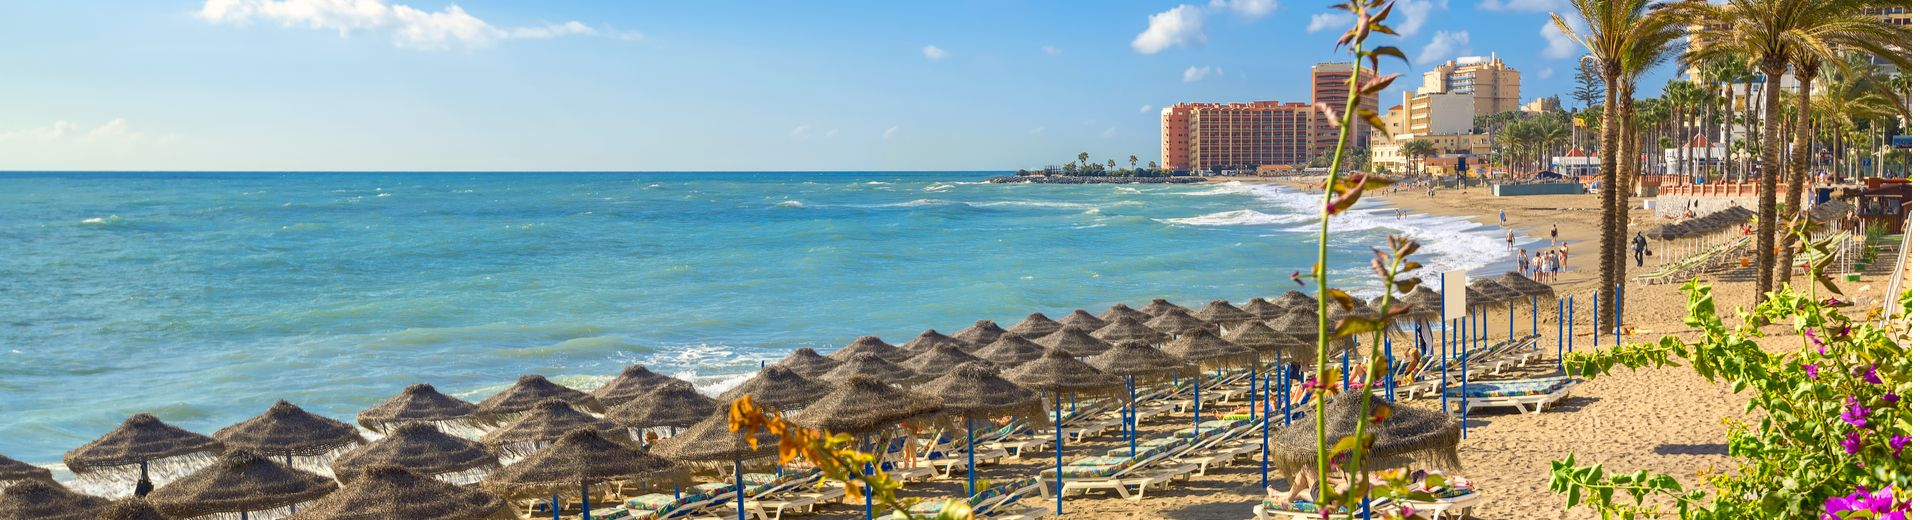 Sommerurlaub buchen und 200 Euro bei der nächsten Städtereise sparen